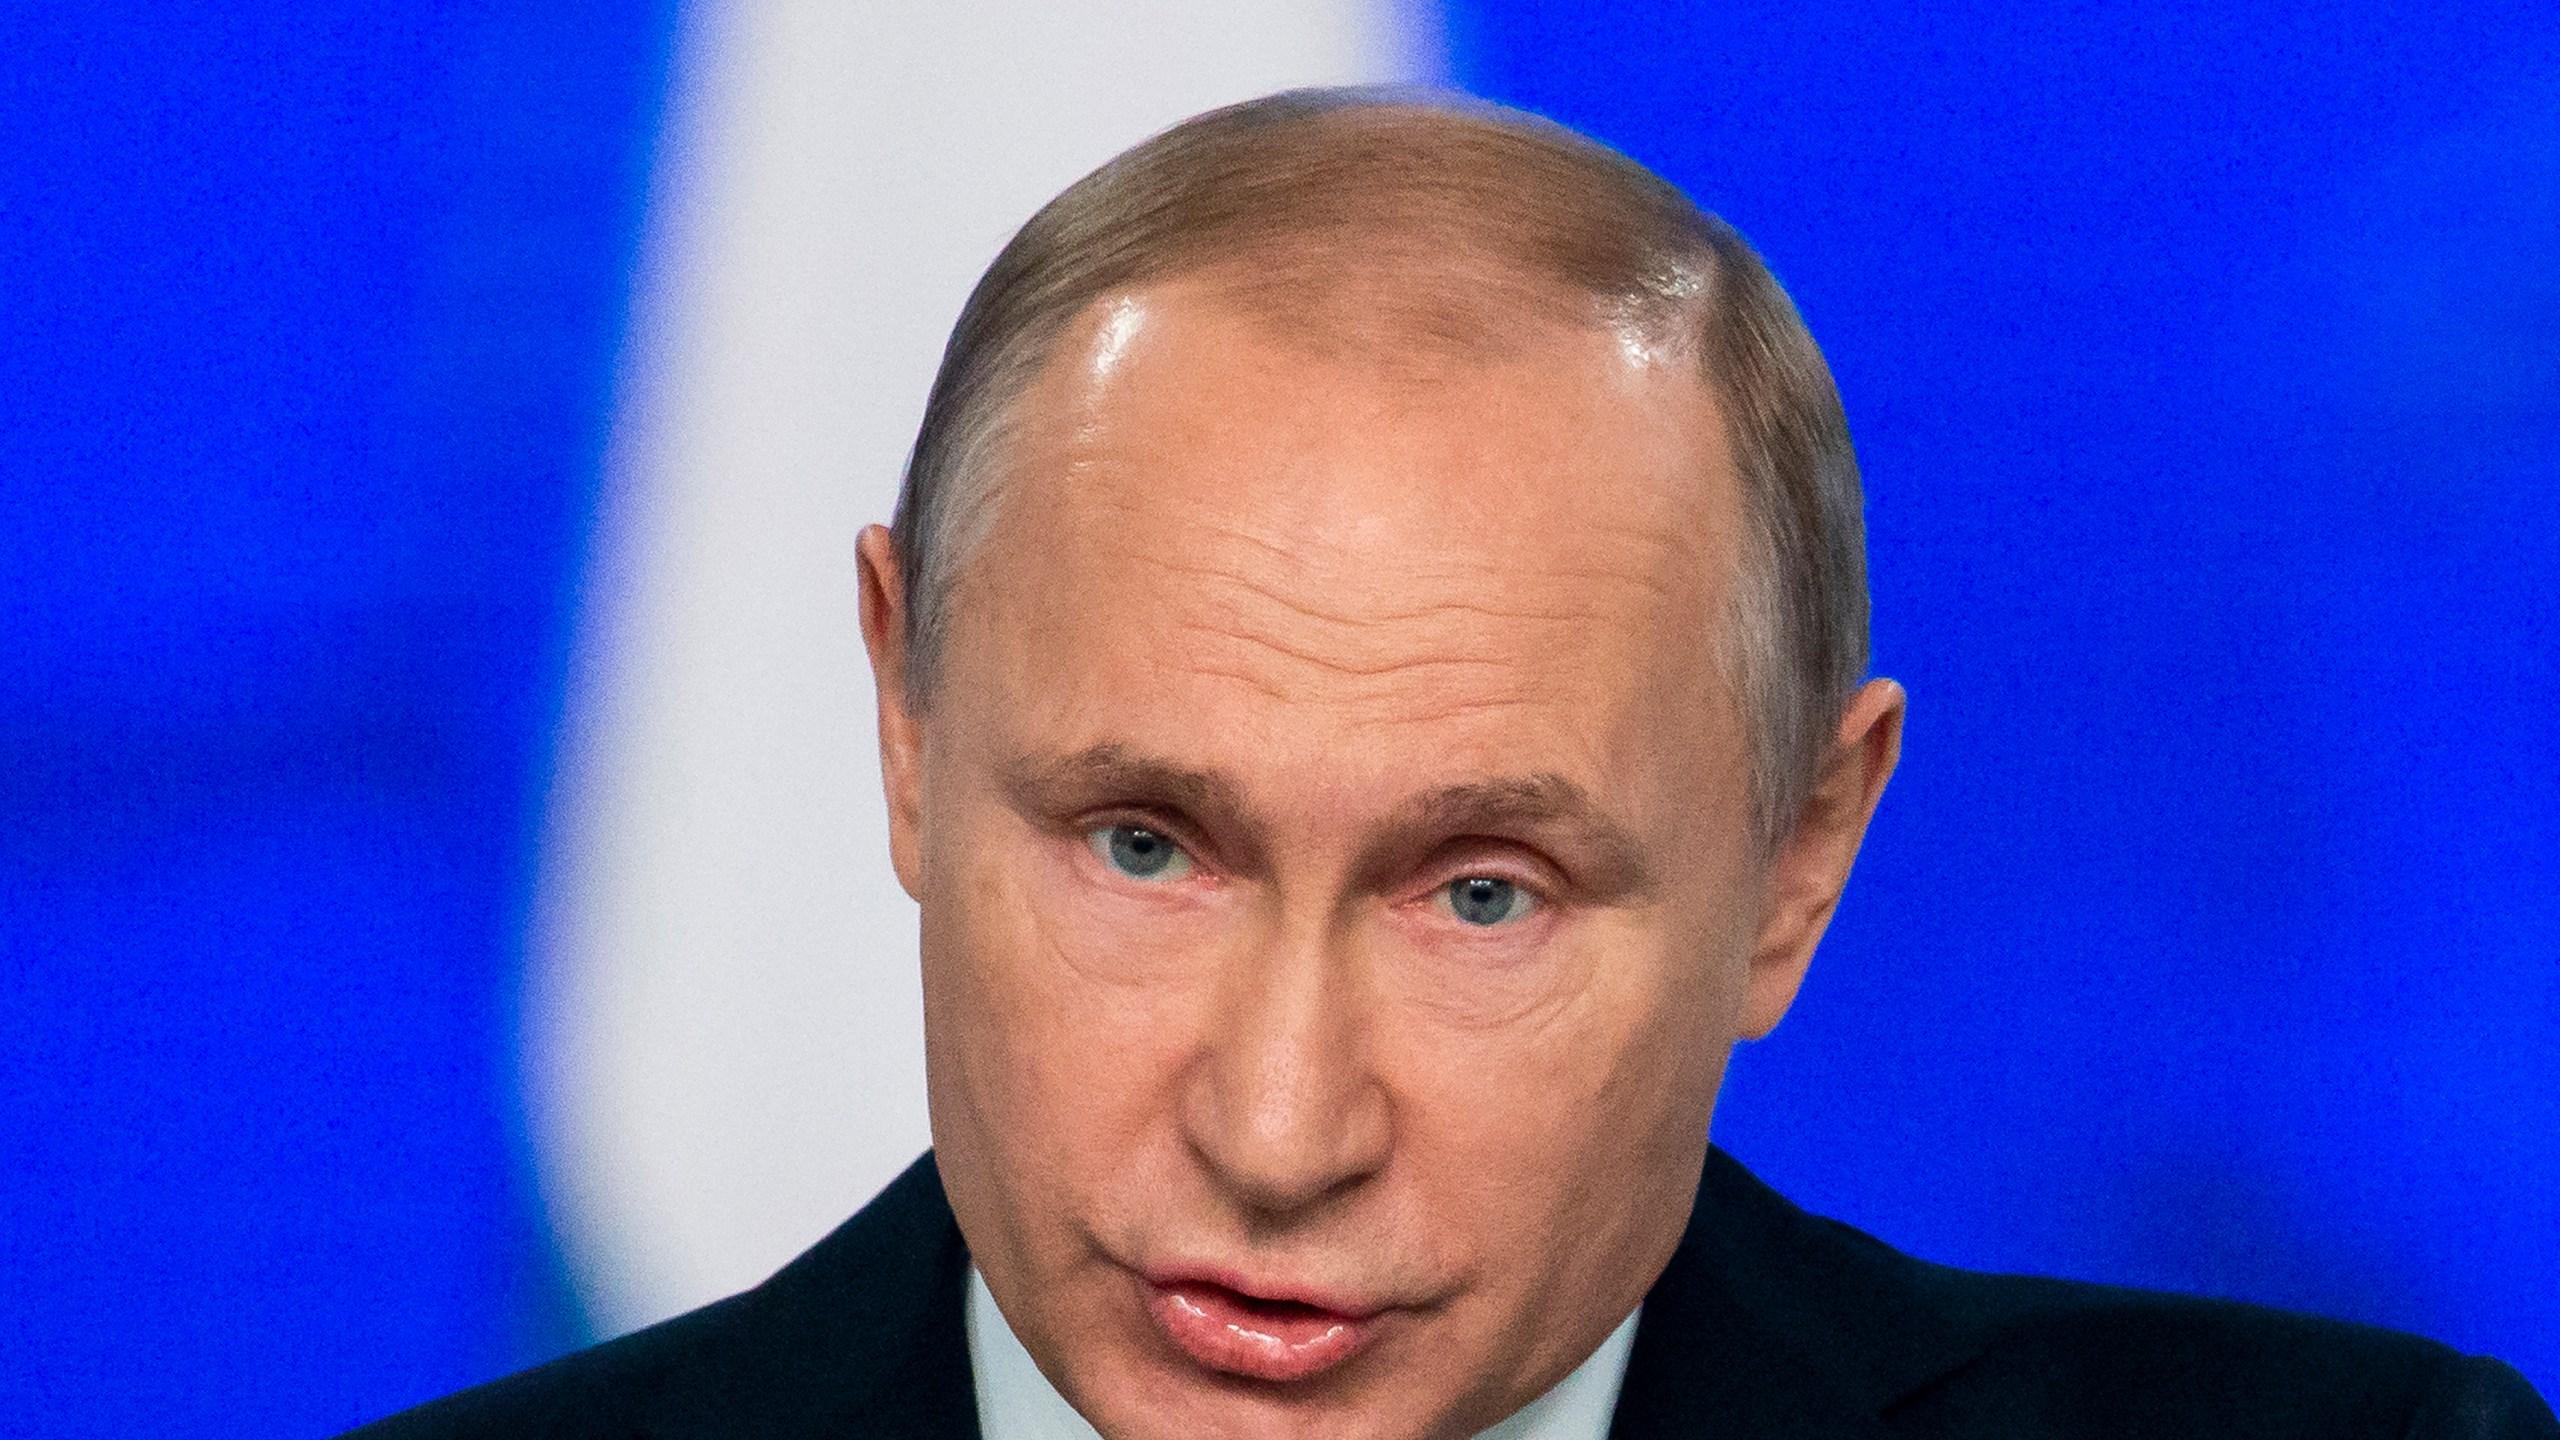 Russia_Putin_53465-159532.jpg51413508